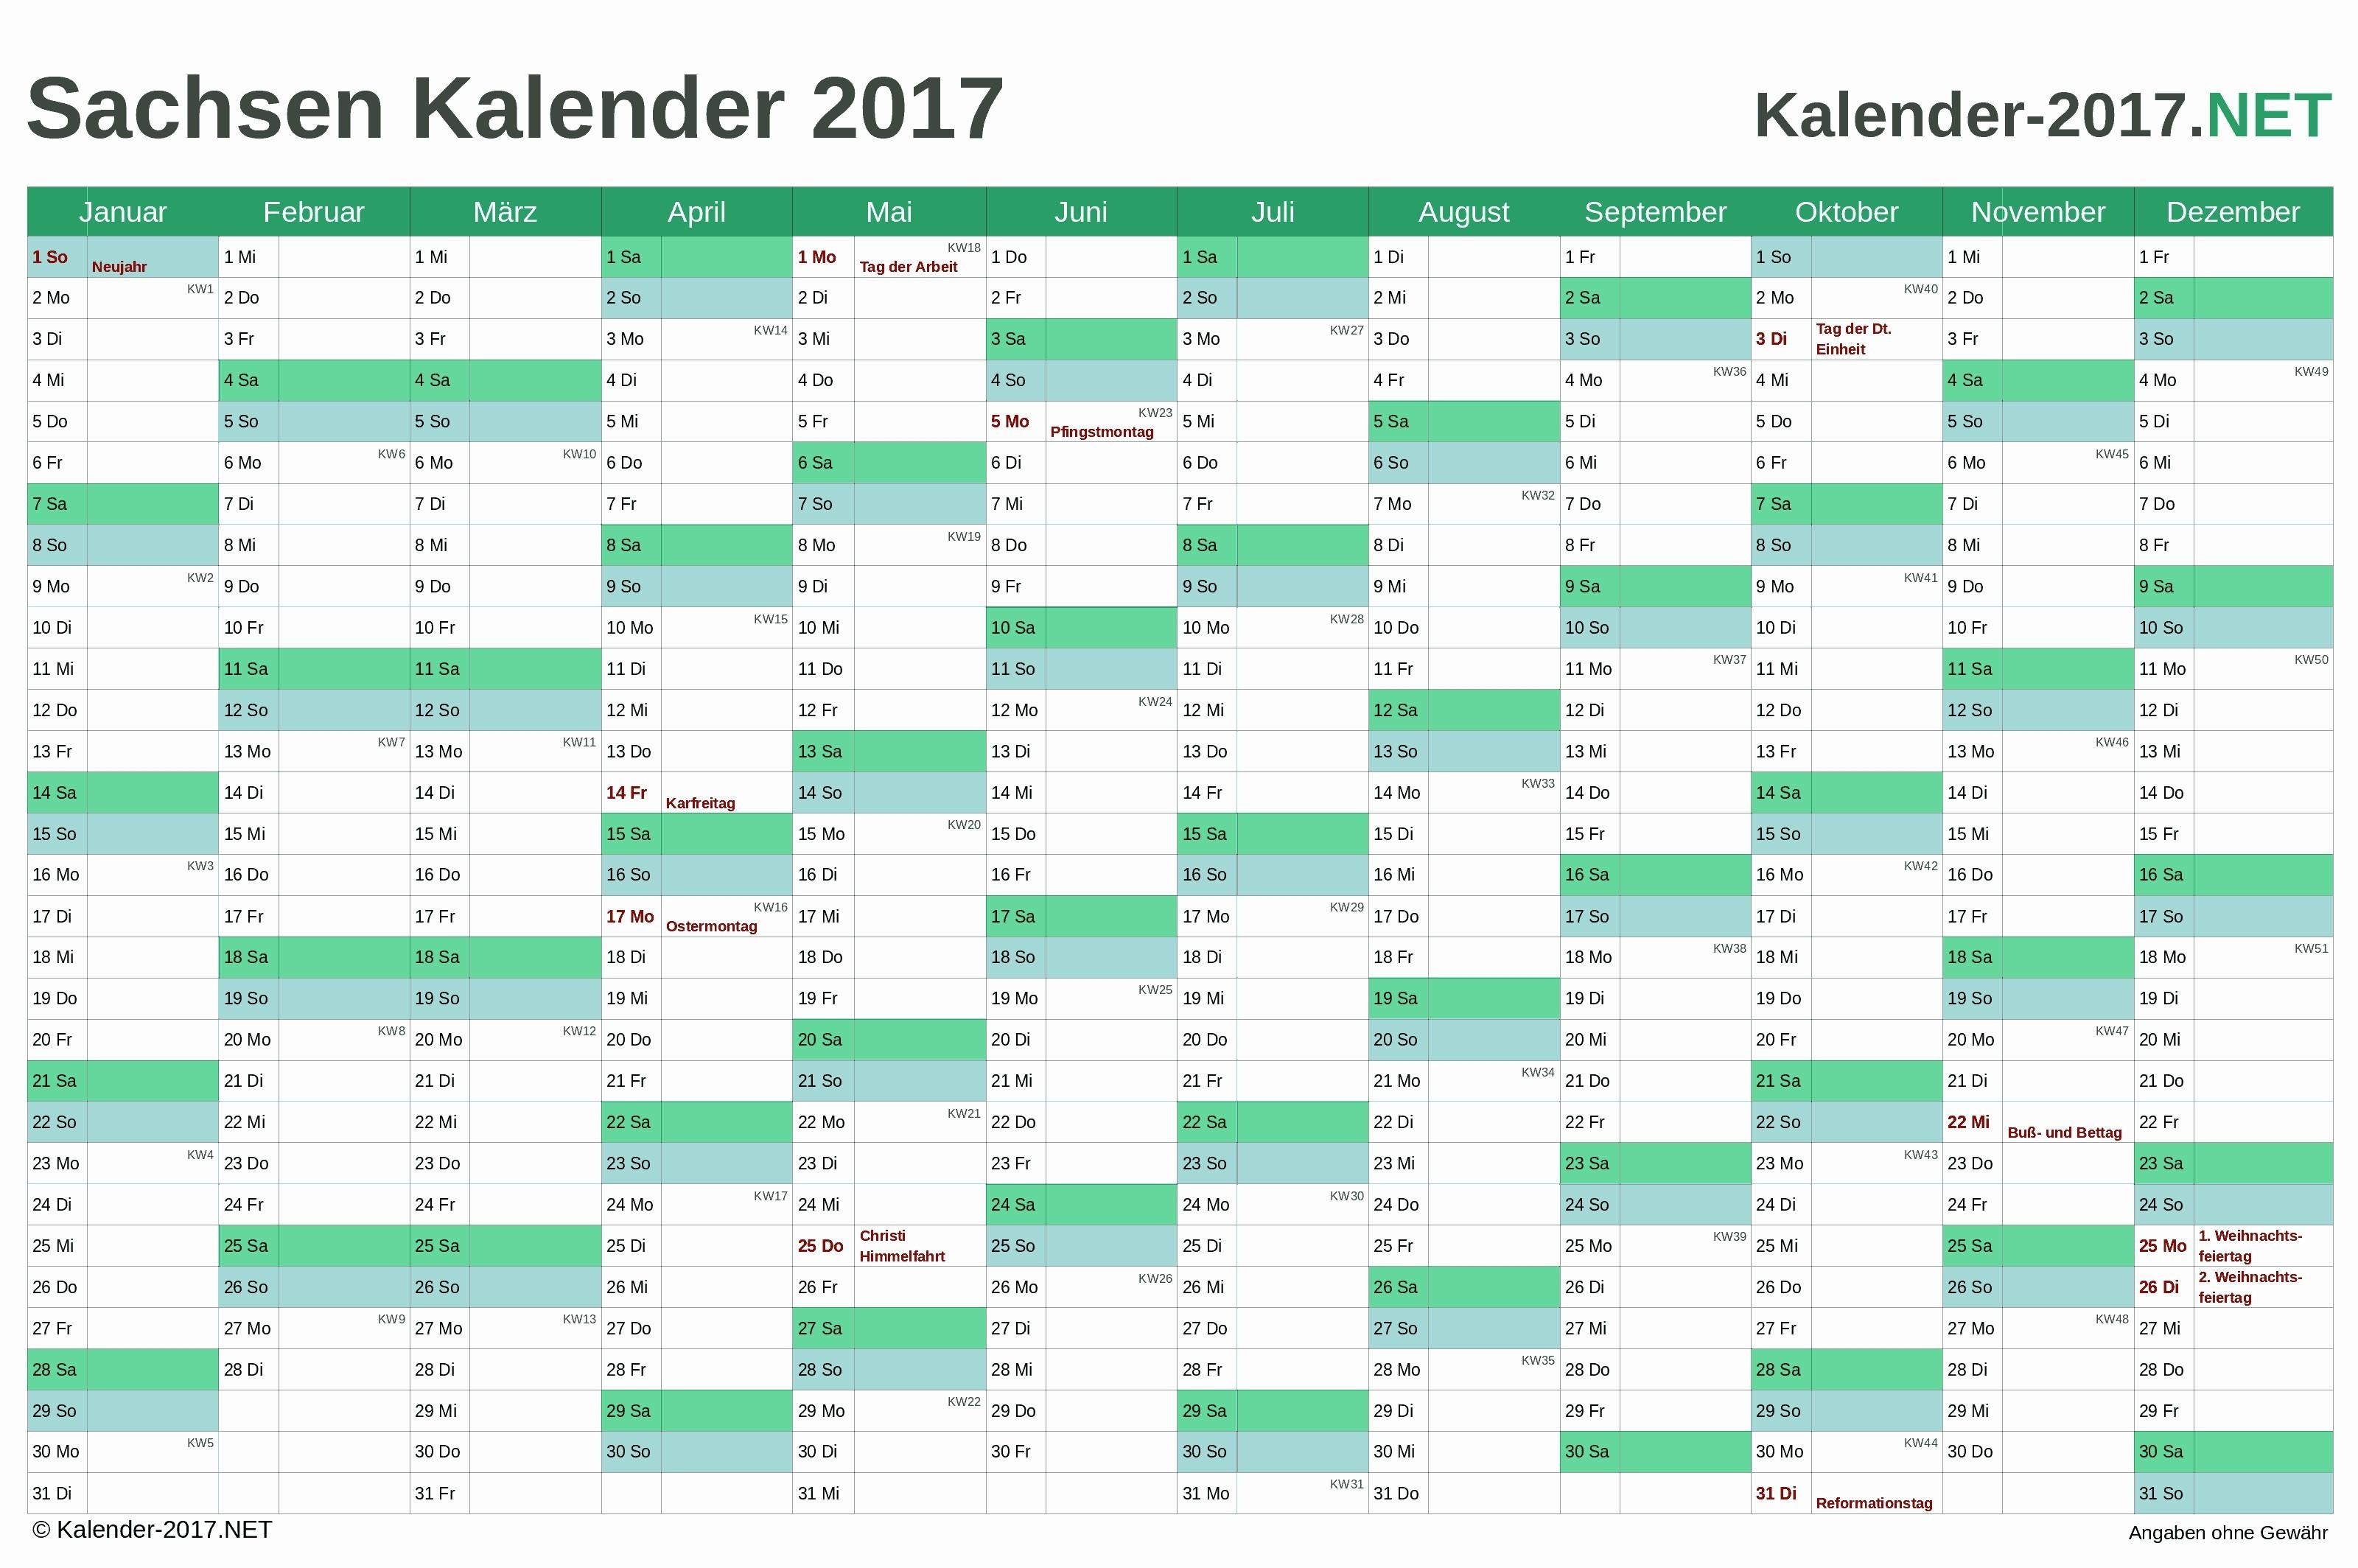 schulferien 2019 niedersachsen 56 einzigartig galerie von kalender 2016 mit feiertagen sachsen of schulferien 2019 niedersachsen